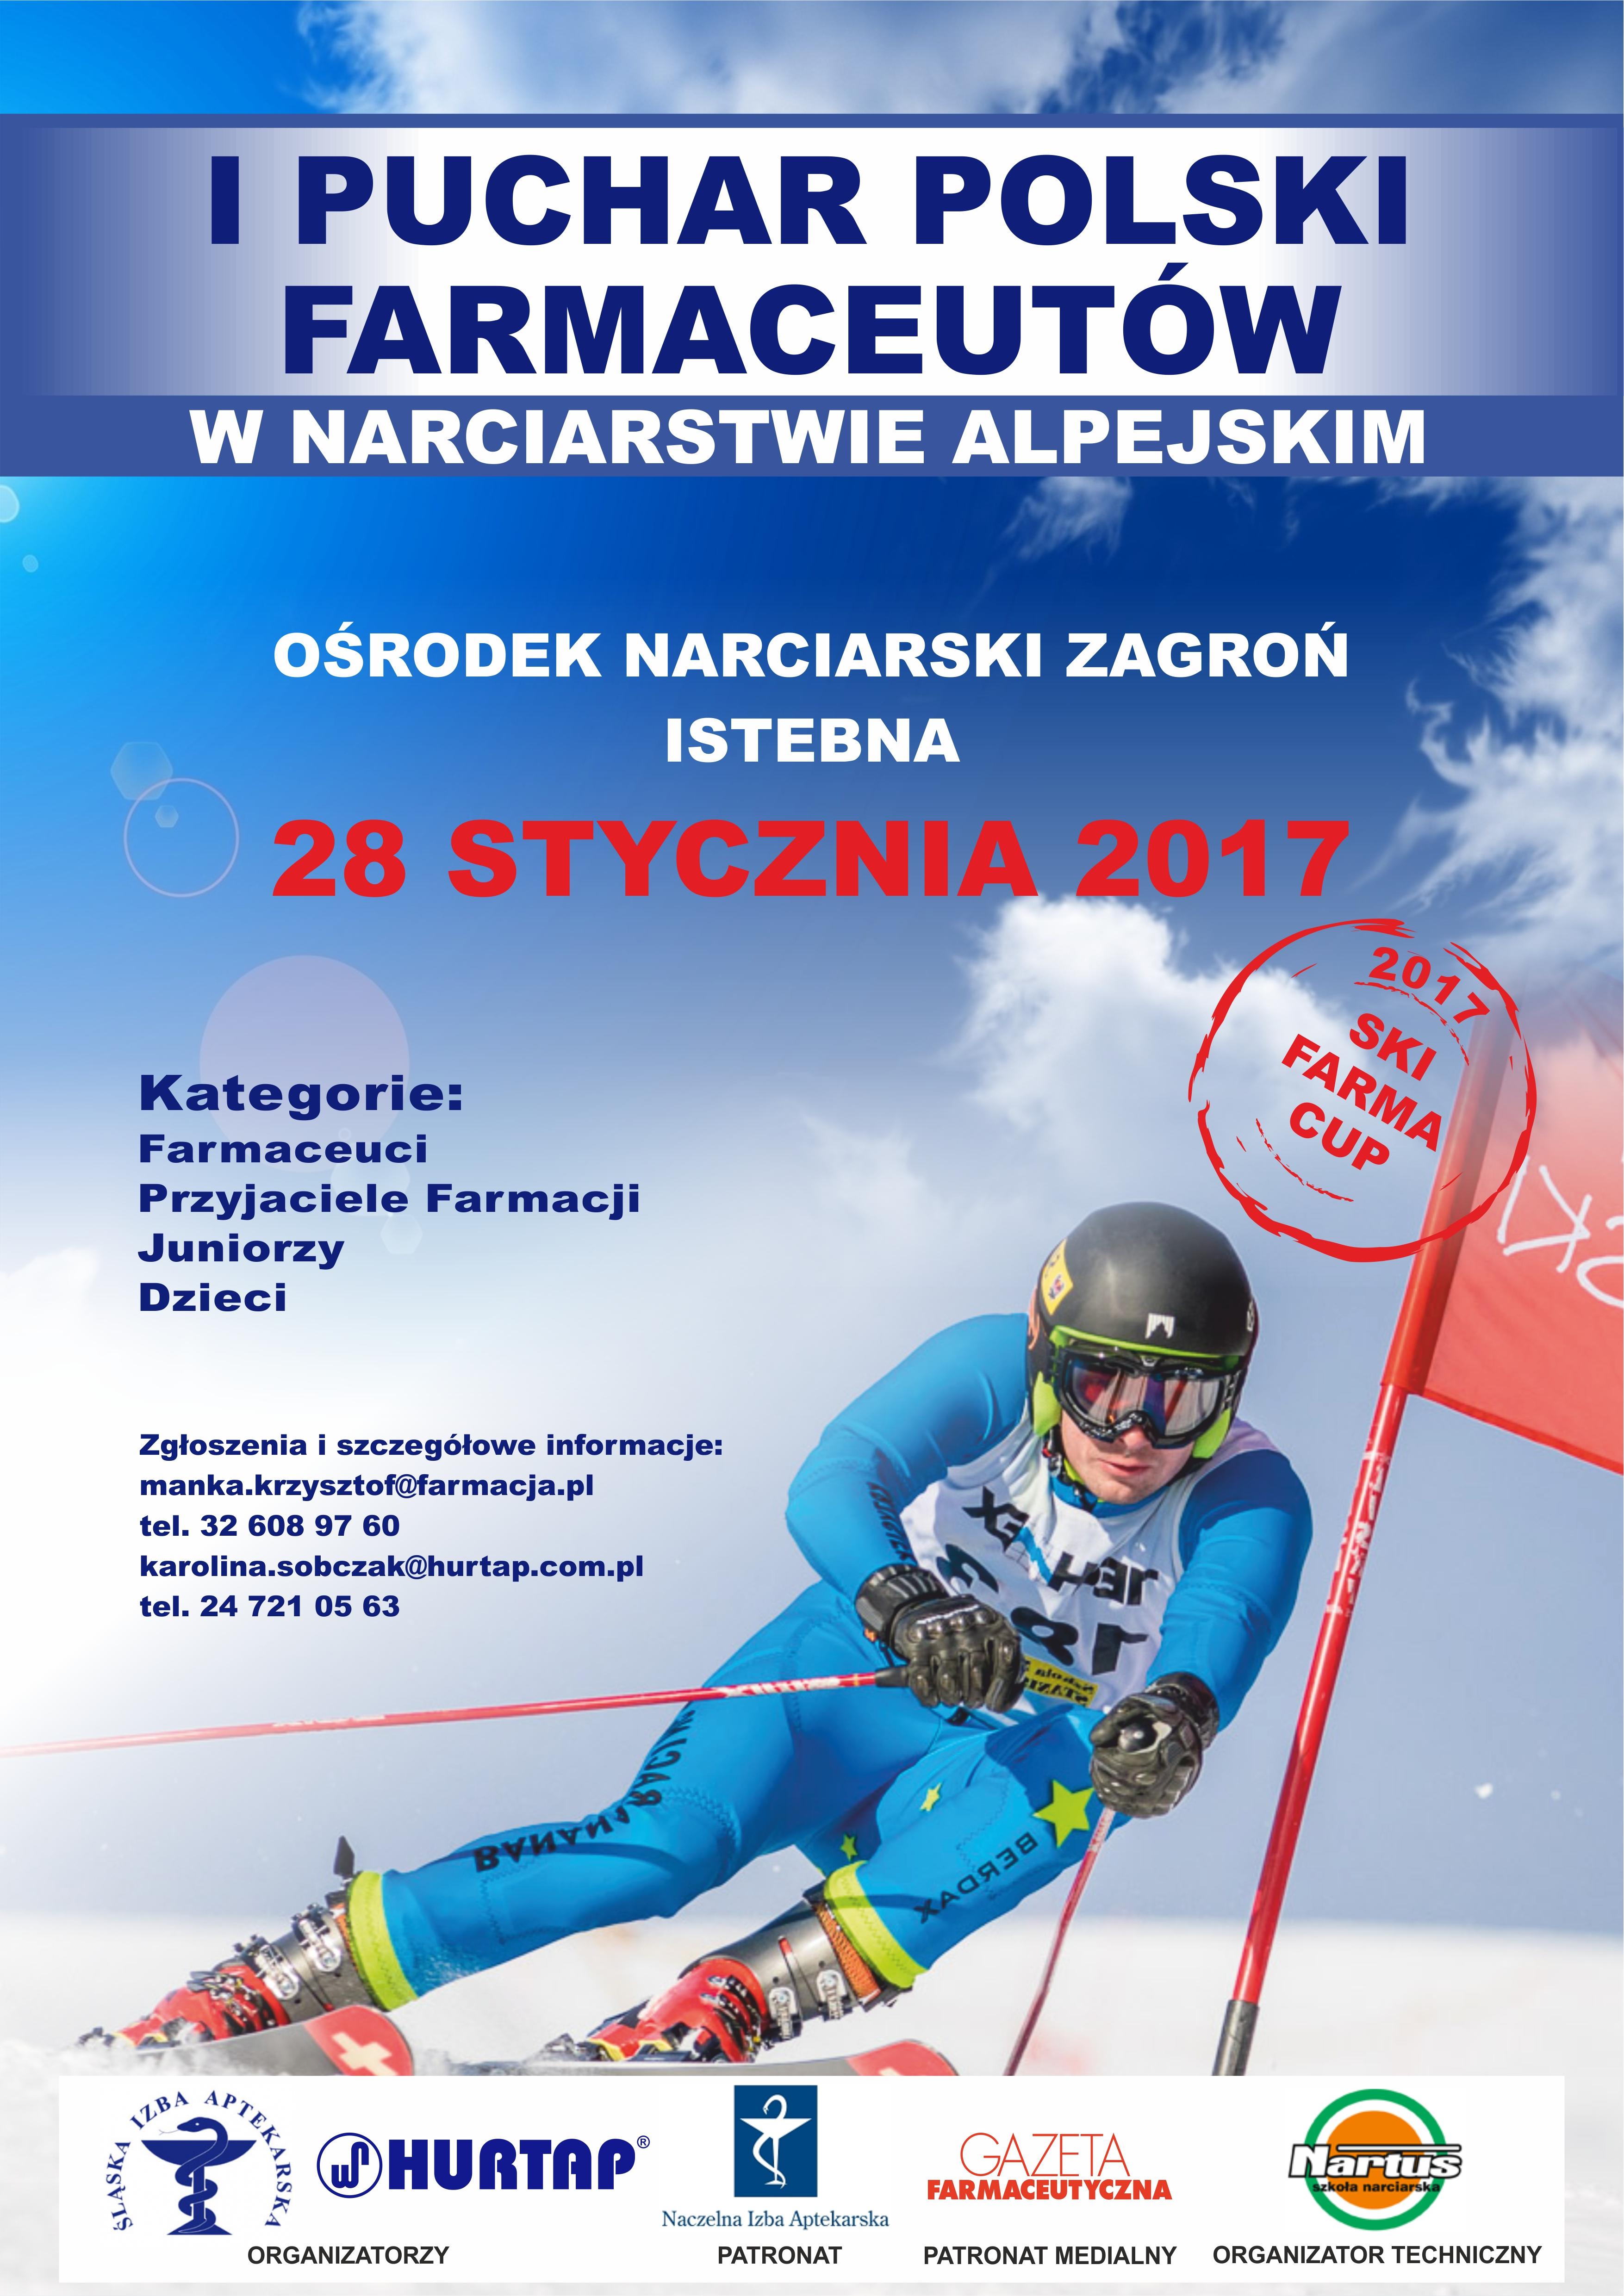 I Puchar Polski Farmaceutów w Narciarstwie Alpejskim.